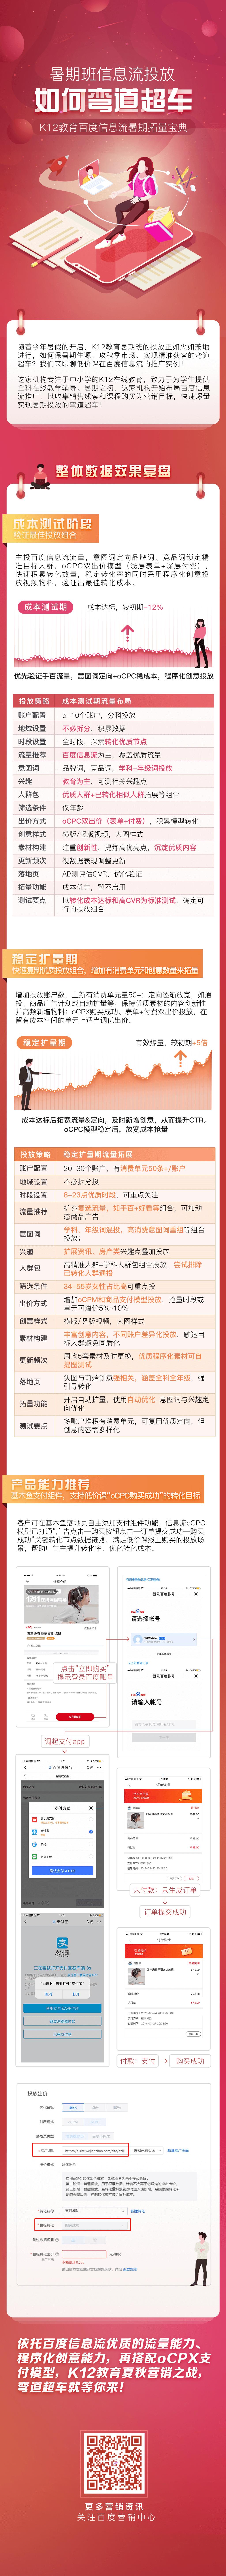 教育K12-暑期班信息流投放如何弯道超车.png